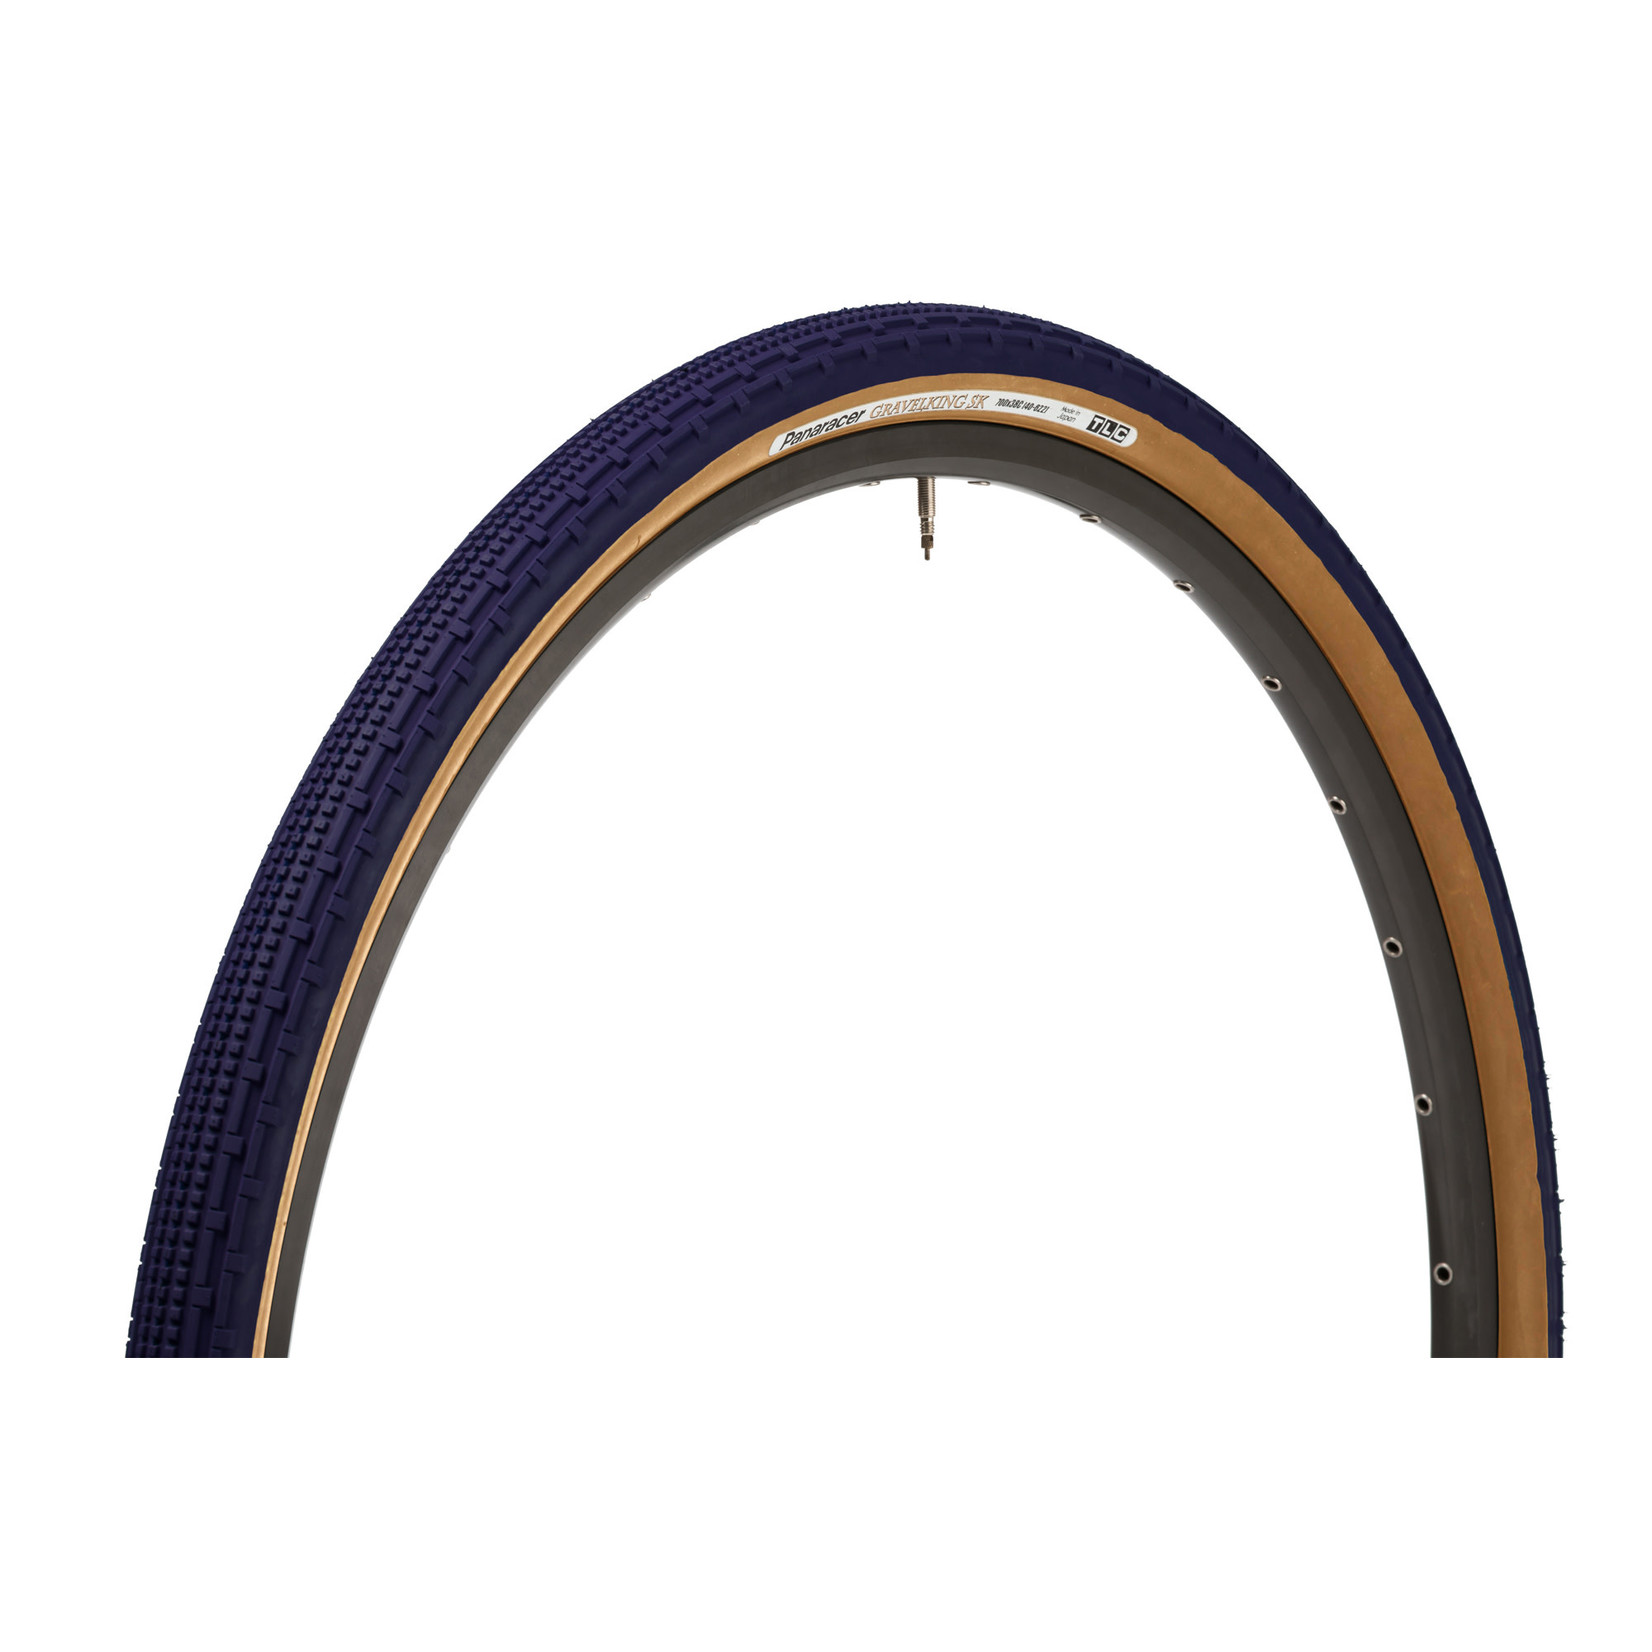 Panaracer Panaracer Gravelking SK 2021 Limited Edition Tire